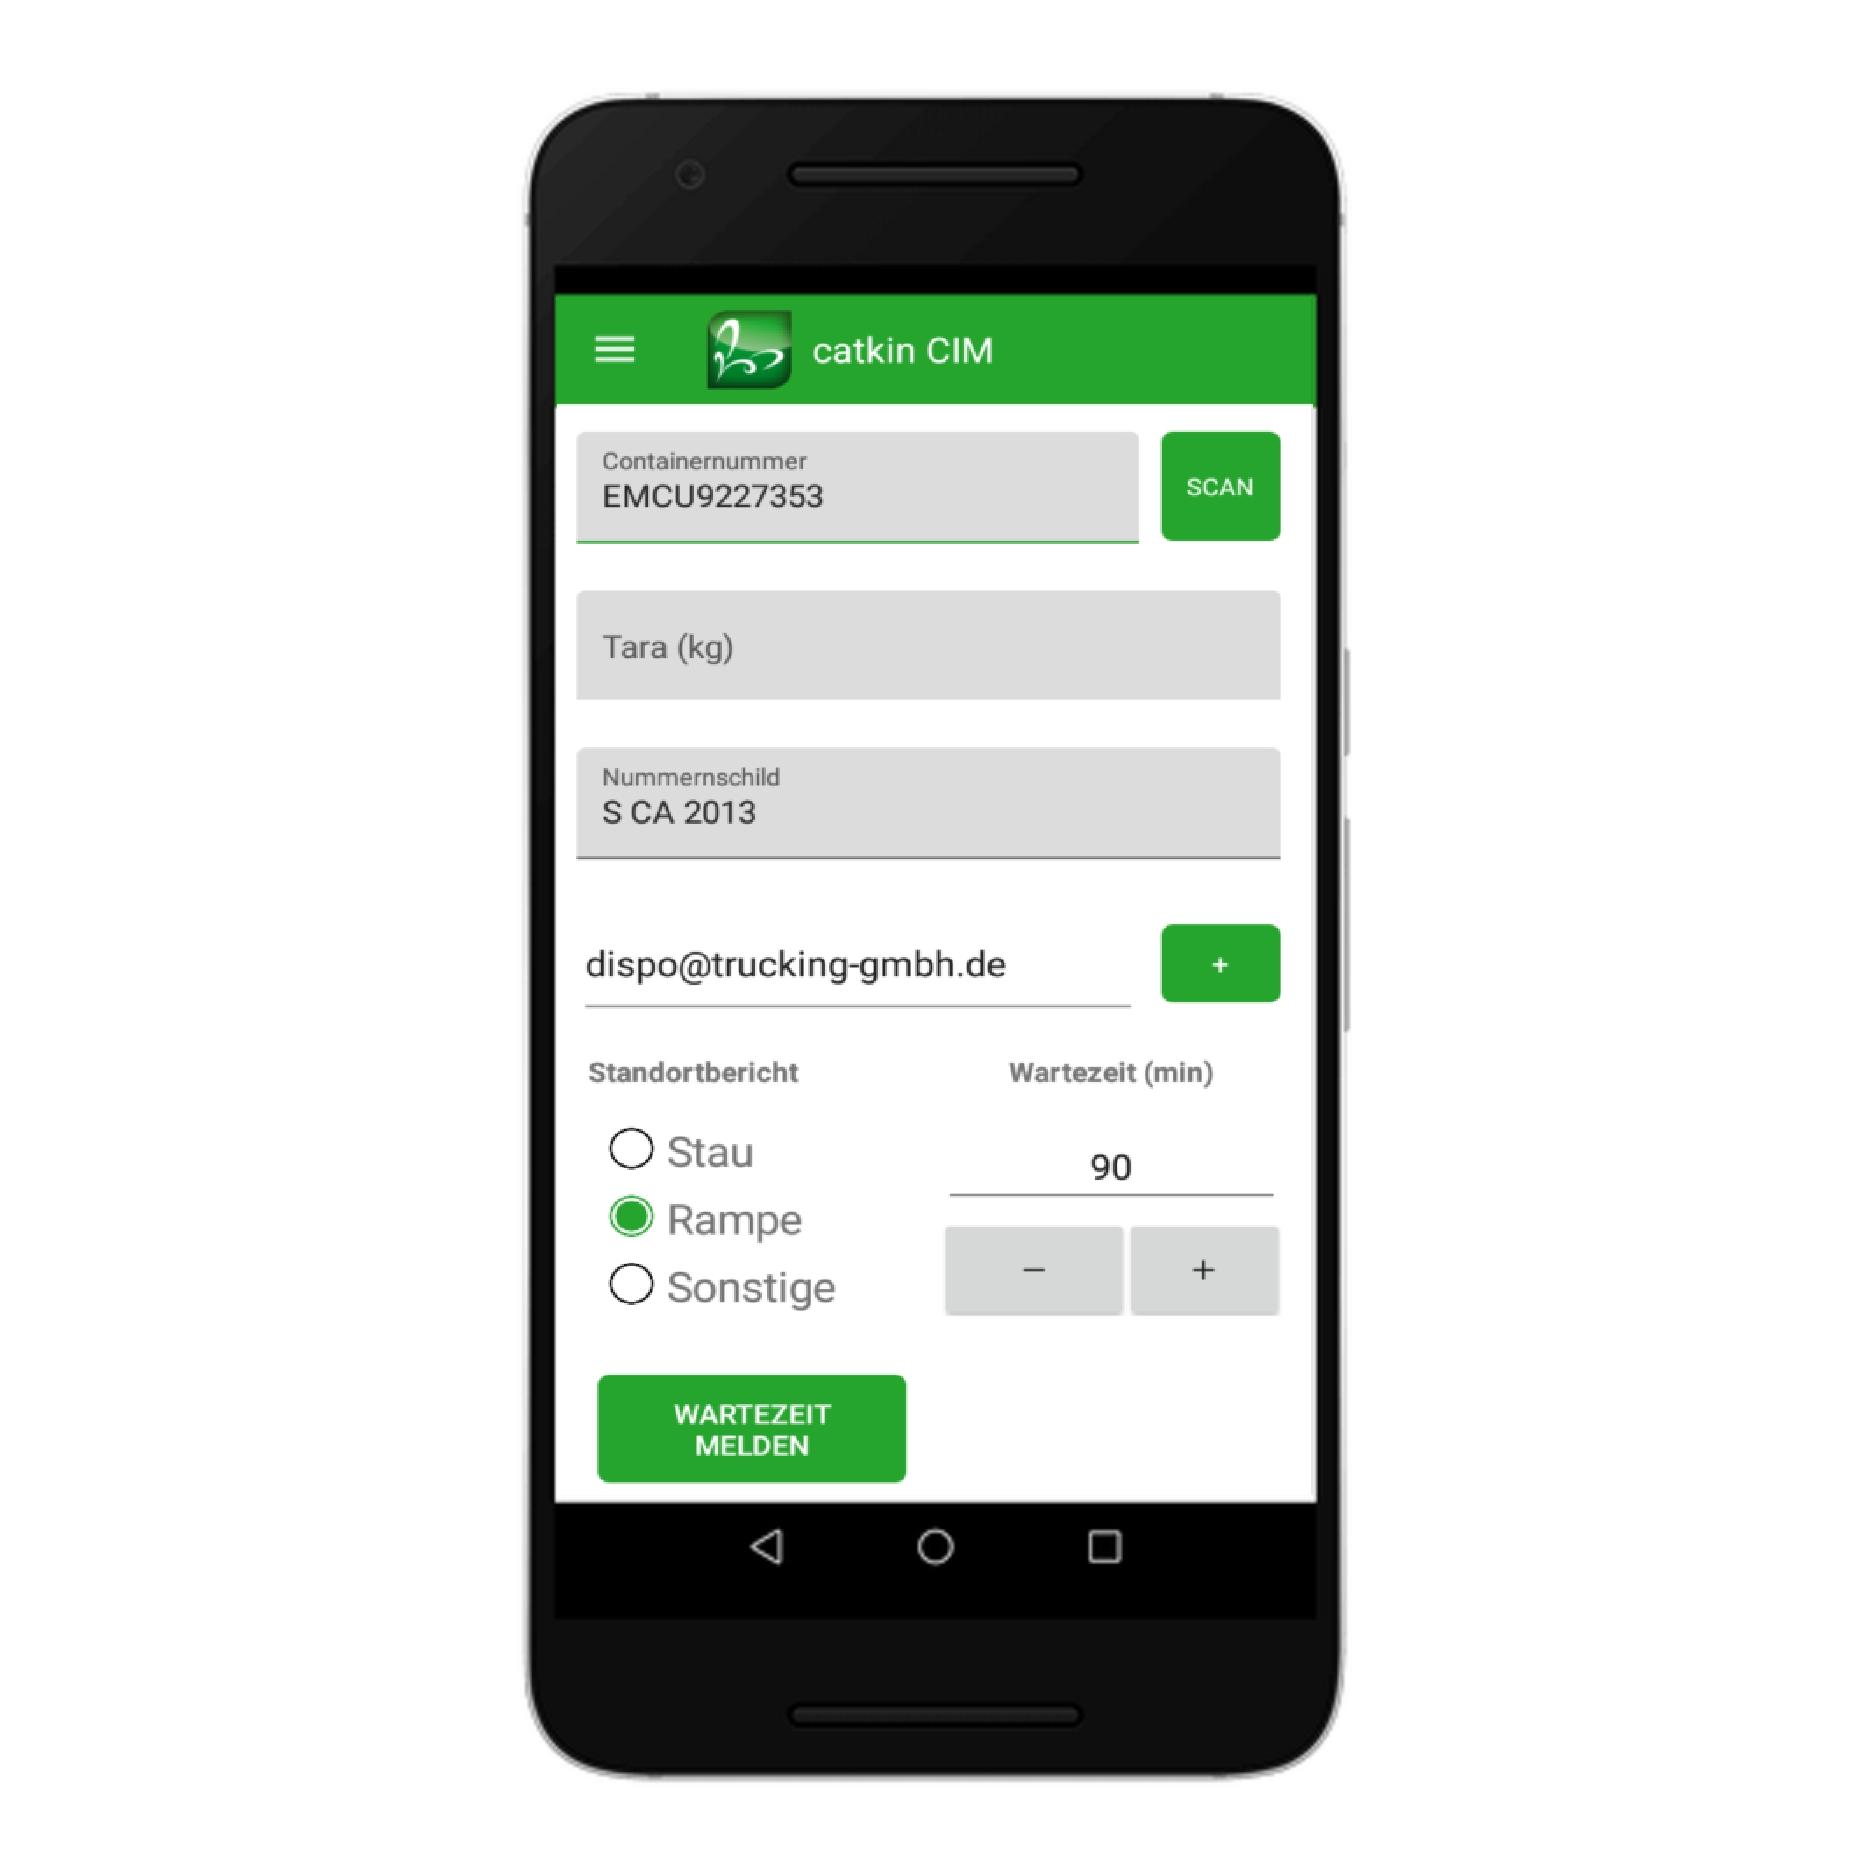 Neue catkin App bringt schnell Mehrwert für Containertrucker